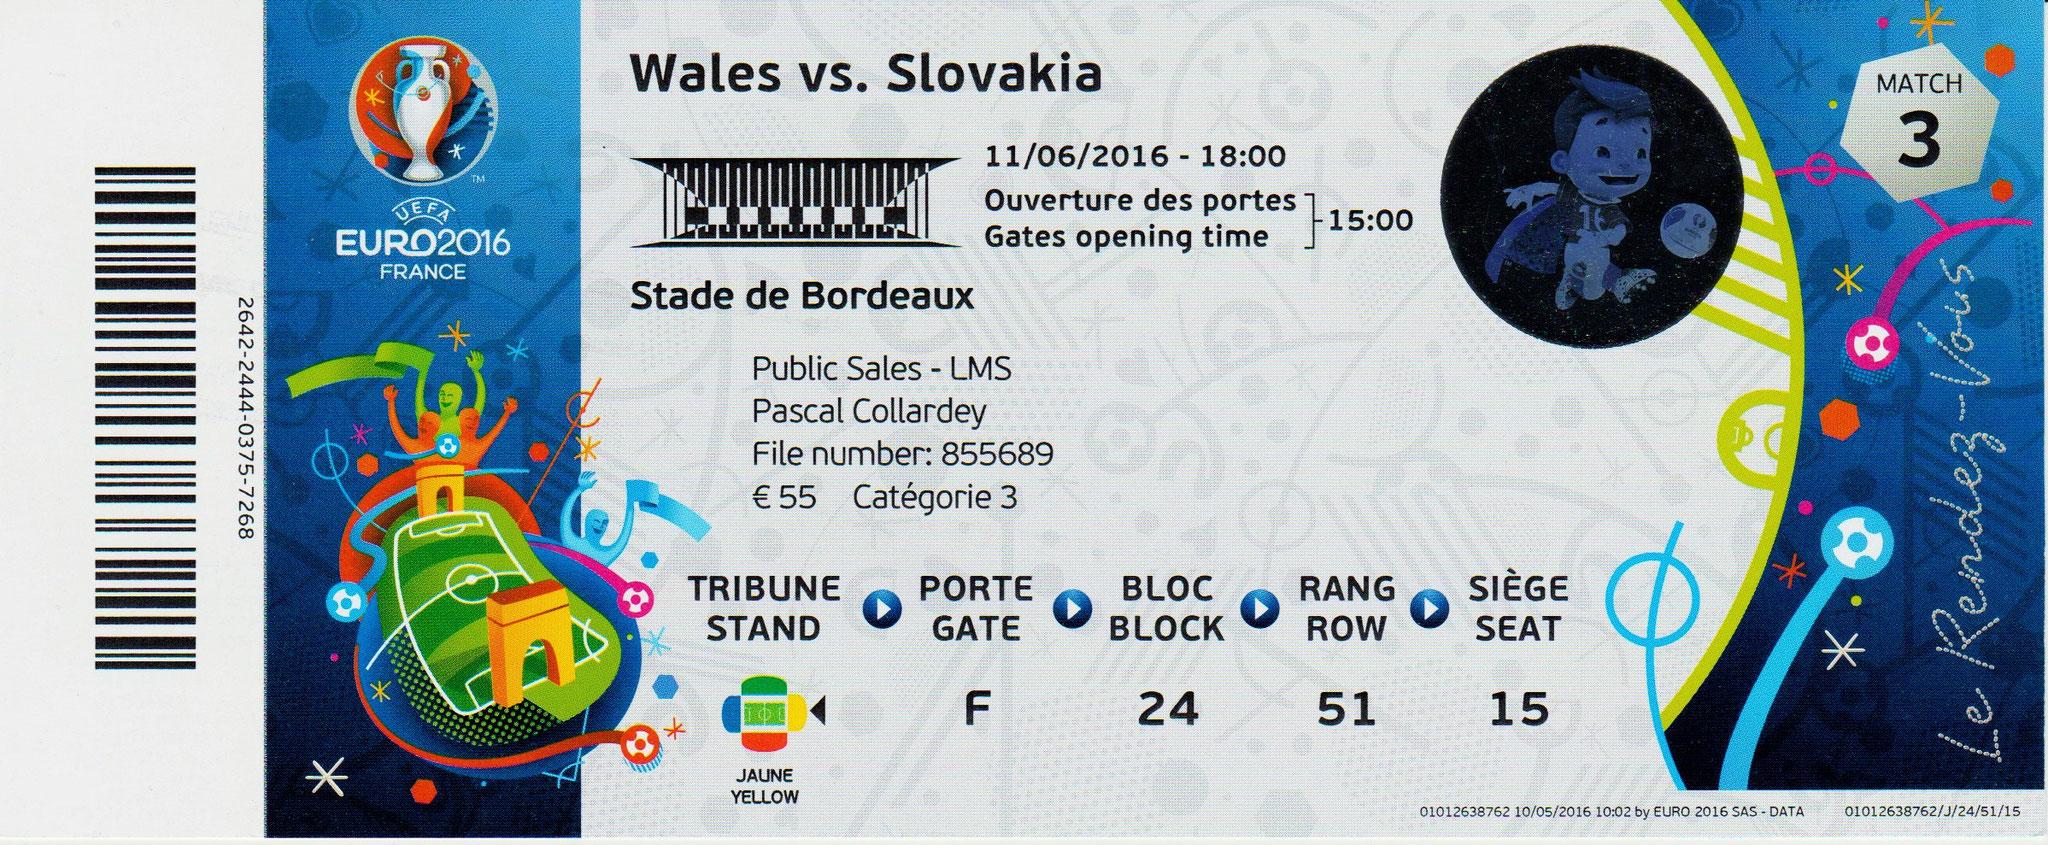 11/06/2016 Bordeaux : Pays de Galles  2 - 1  Slovaquie   > Bale et Robson-Kanu (Wal) -- Duda (Slk) <